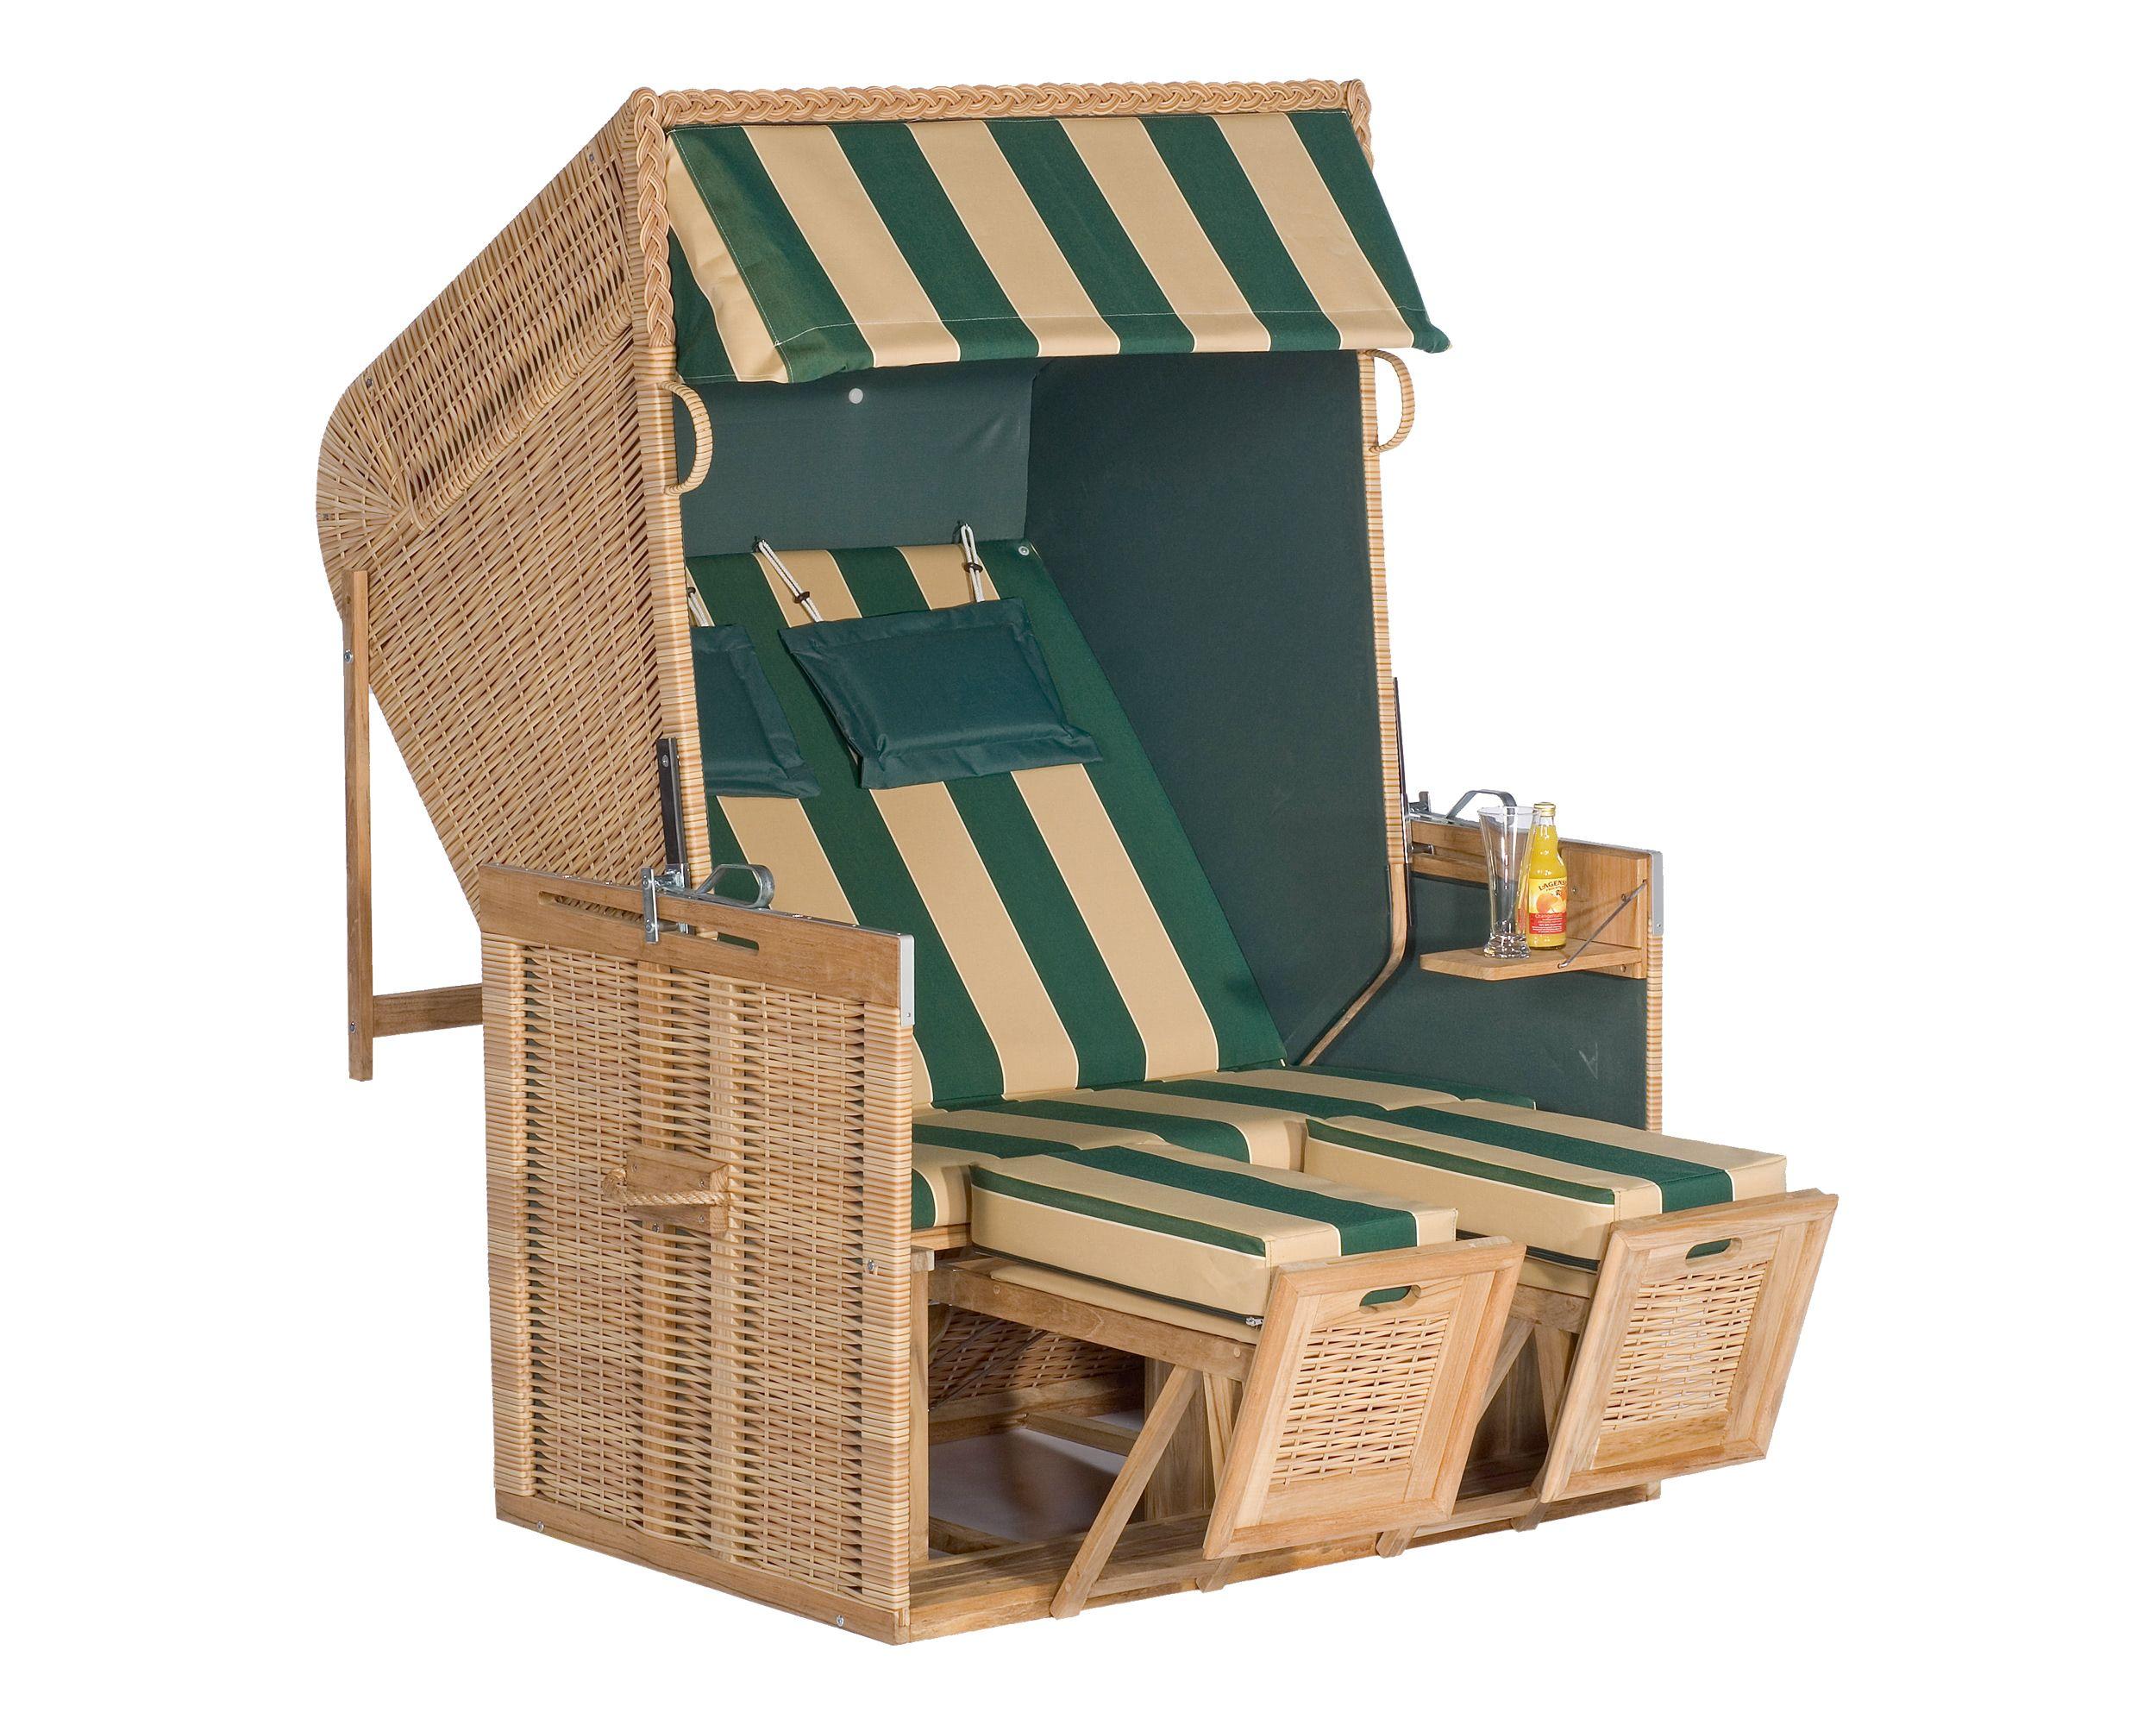 gartenmobel sylt, strandkorb sylt - strandkörbe - sun - chill, Design ideen